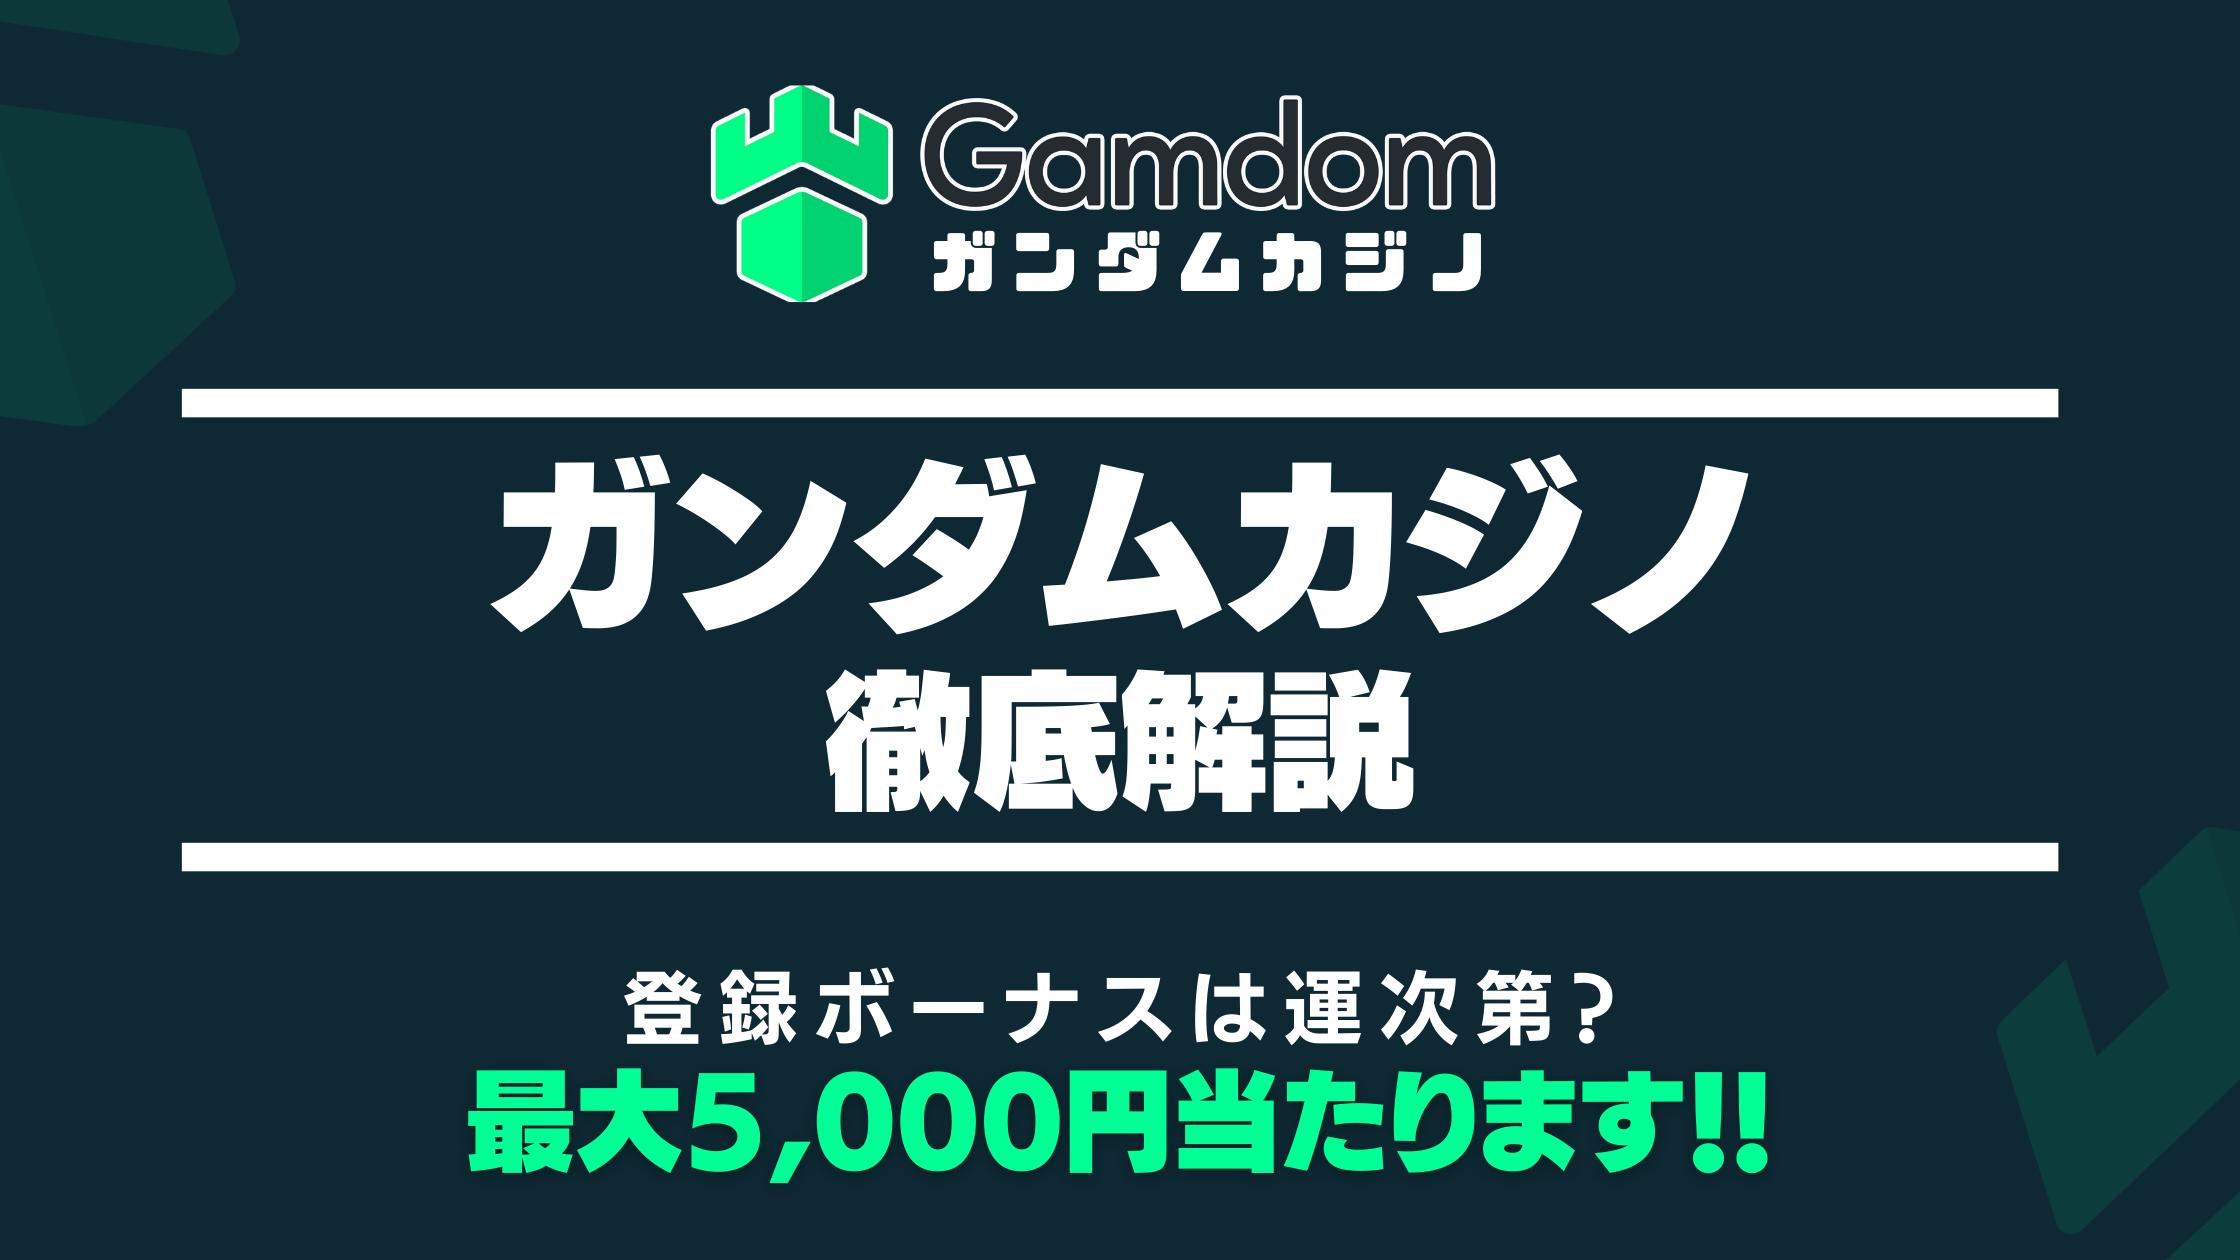 【ガンダムカジノ】入出金方法や入金不要ボーナスなど徹底解説!